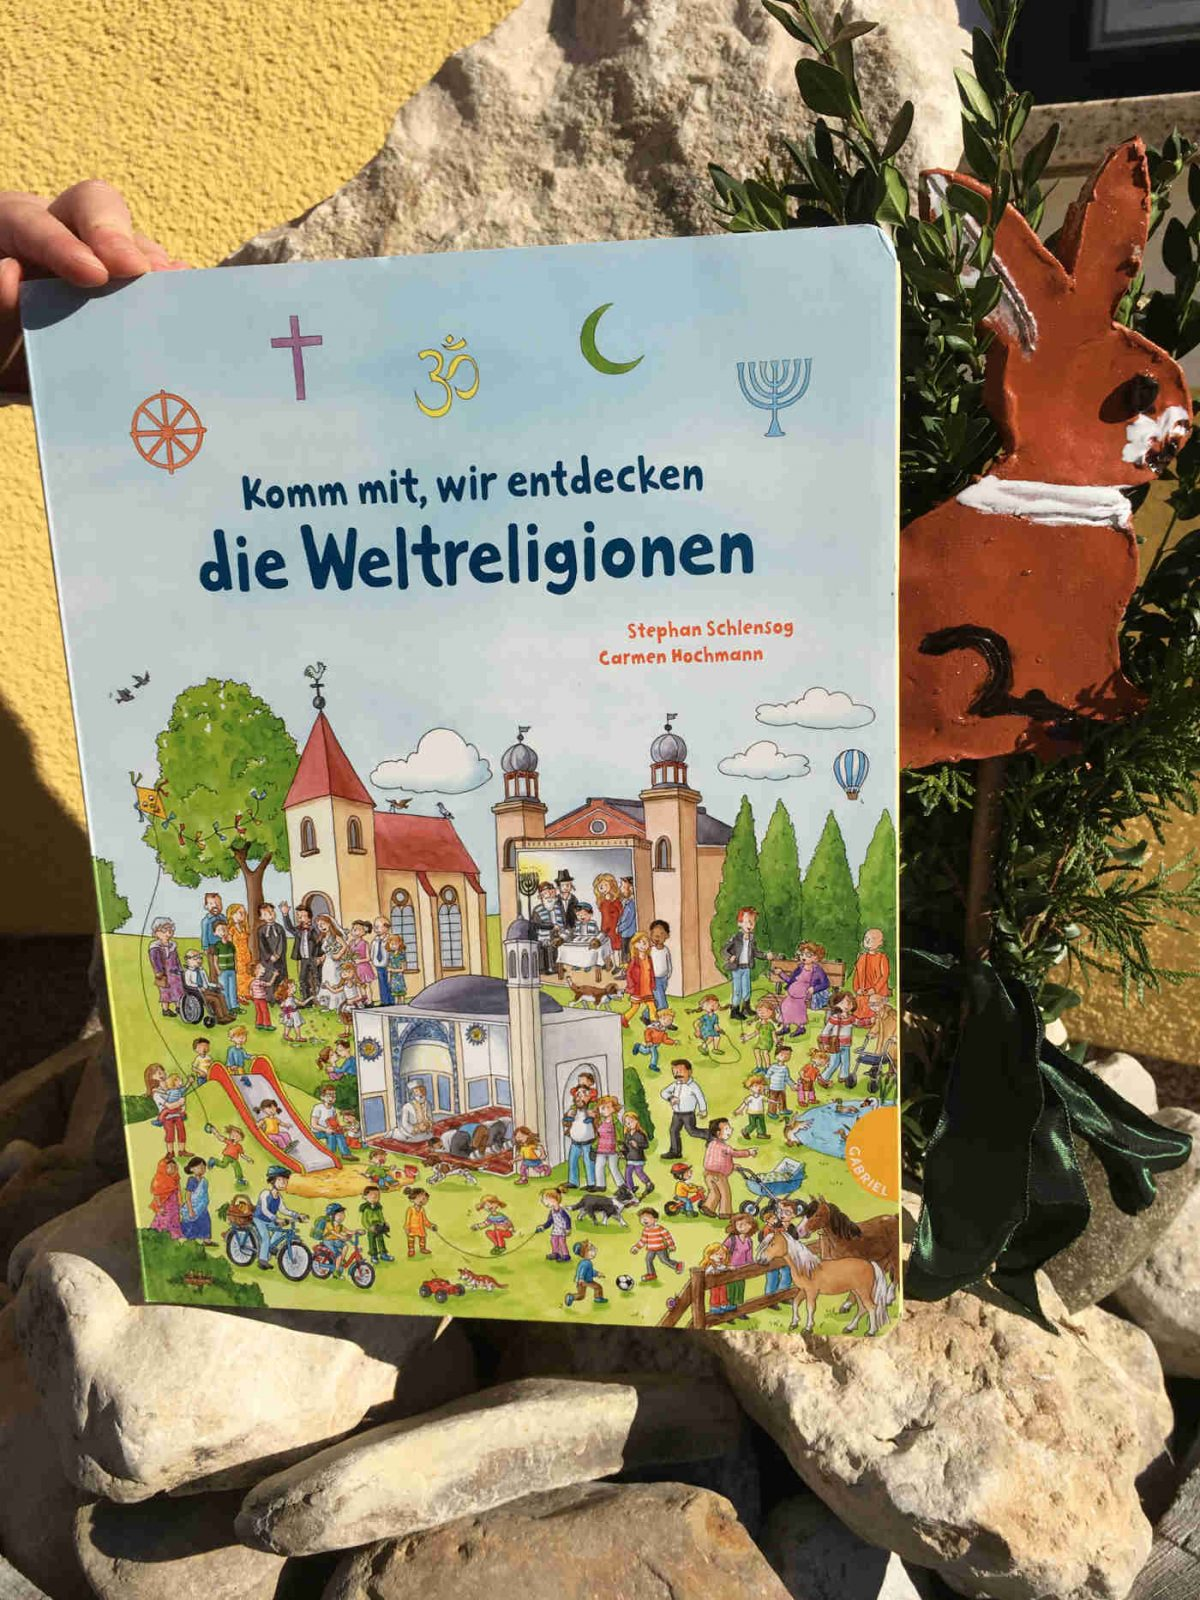 Stephan Schlensog und Carmen Hochmann: Komm mit, wir entdecken die Weltreligionen